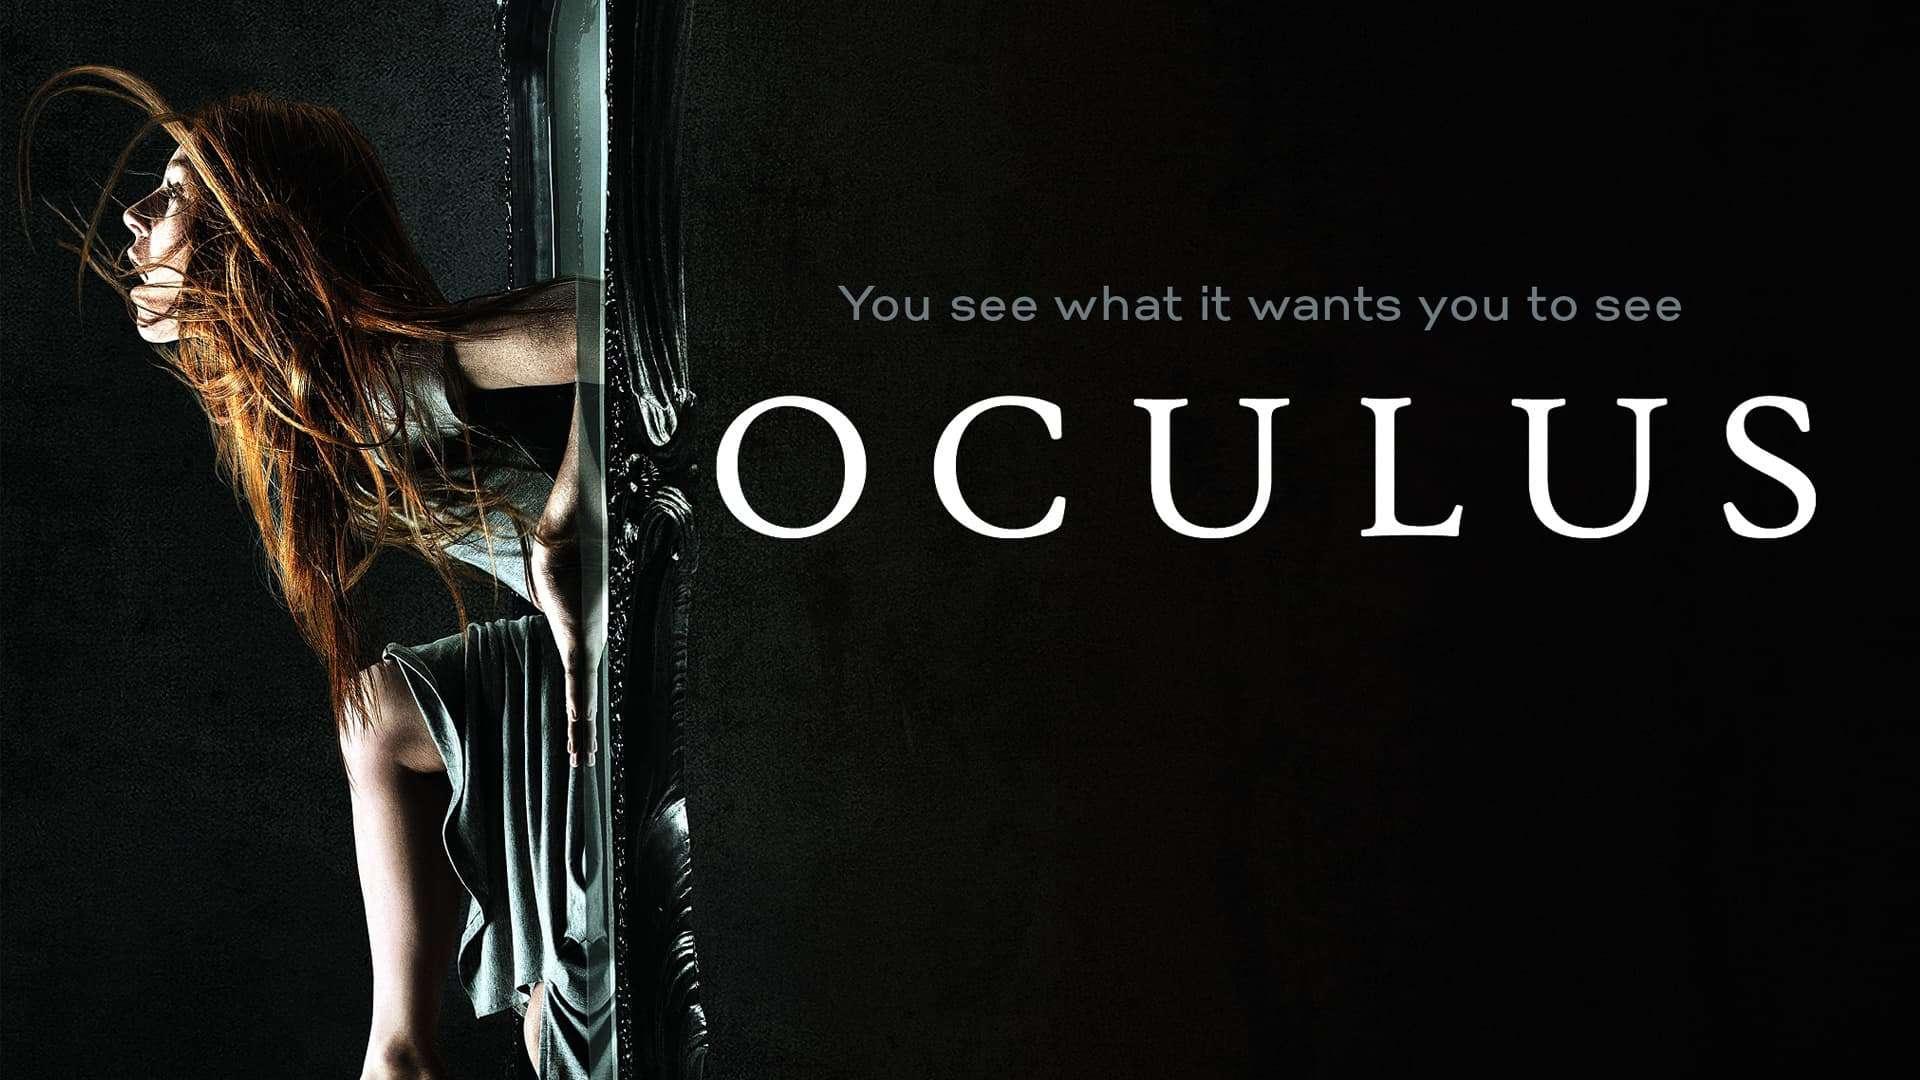 Oculus-2014-Horror-Movie